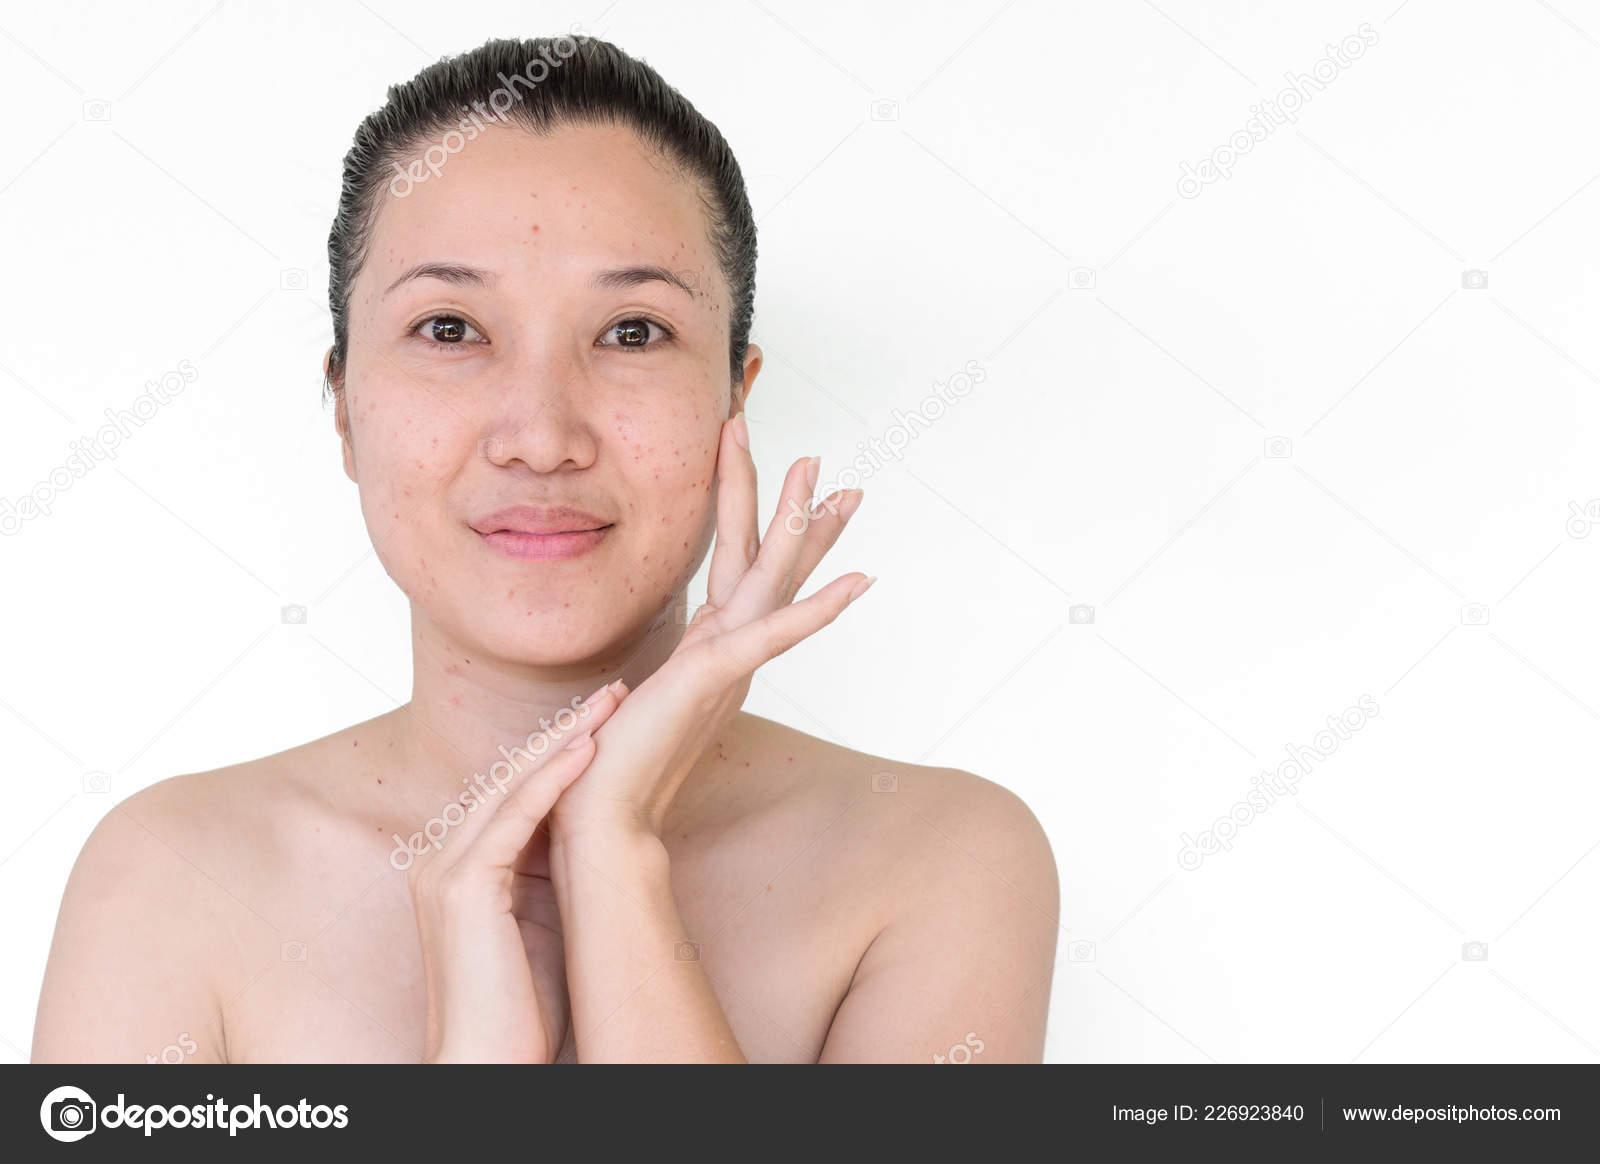 Burn Spots Scabs Laser Treatment Acne Skin Freckles Freckles Dark